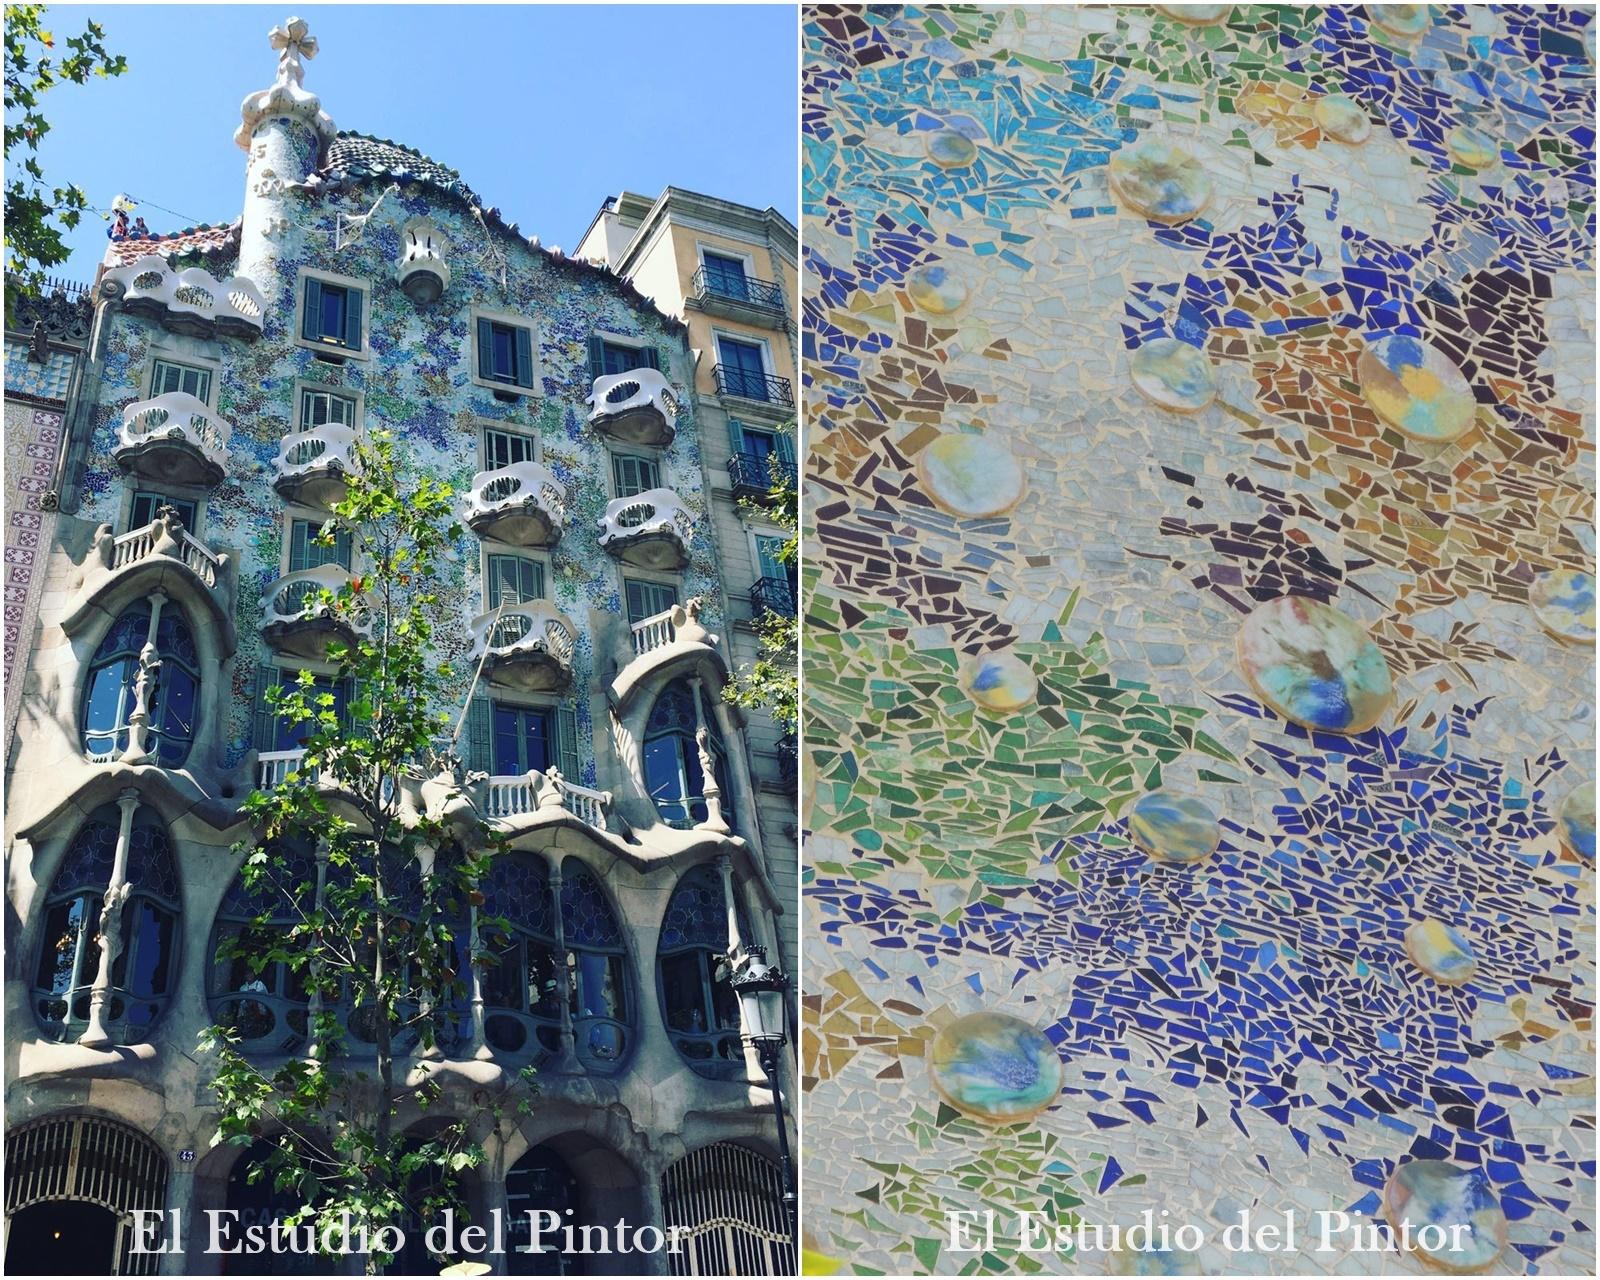 8. Casa Batlló, Gaudí